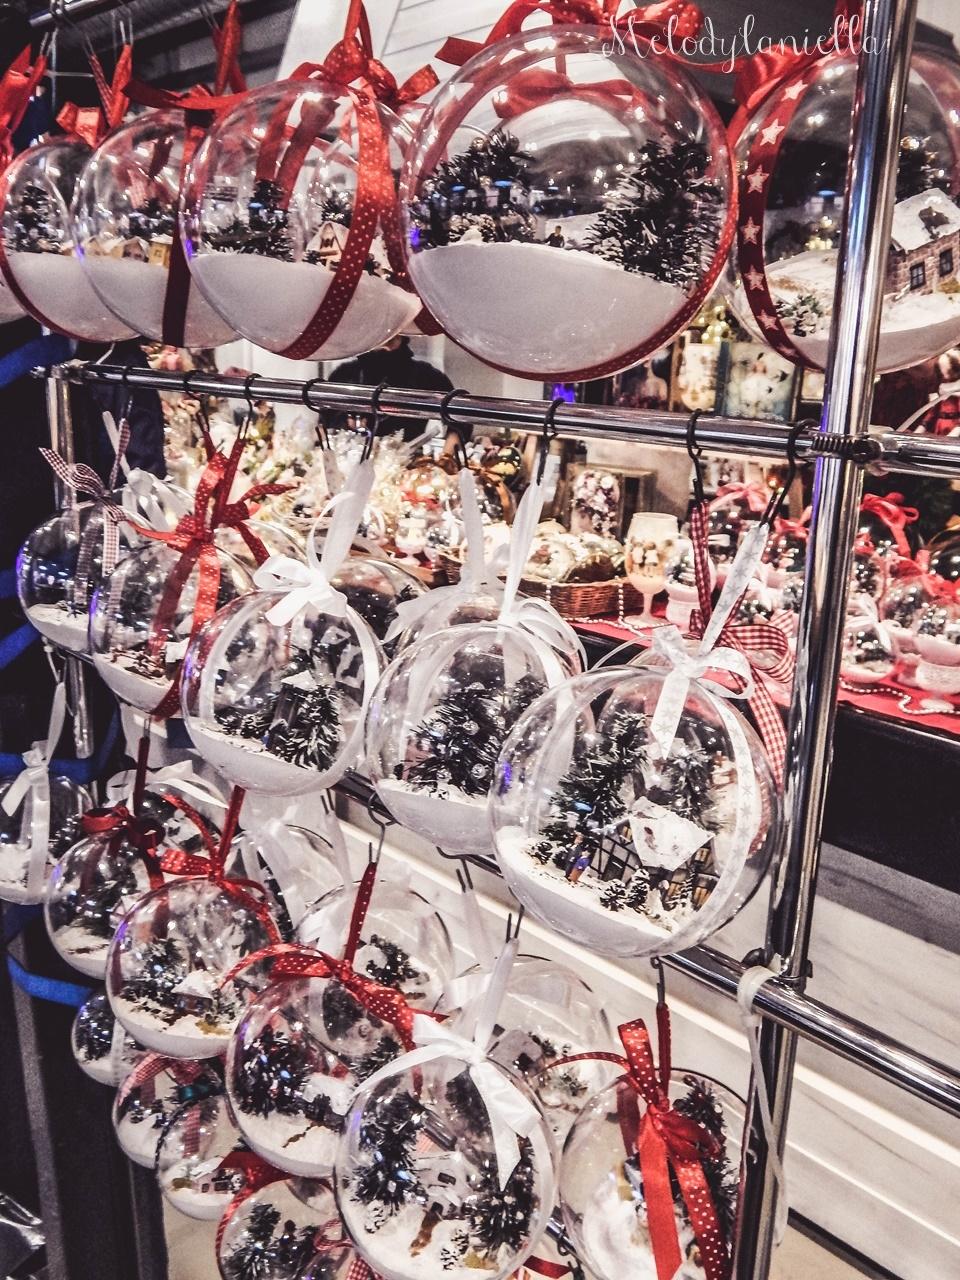 8 nietypowy jarmark świąteczny piotrkowska 217 co dzieje się w łodzi dwukropek ogrody zofii bożonarodzeniowy jarmark targ świąteczny świat z lukru pierniki świąteczne łódź biżuteria handmade piando zigner